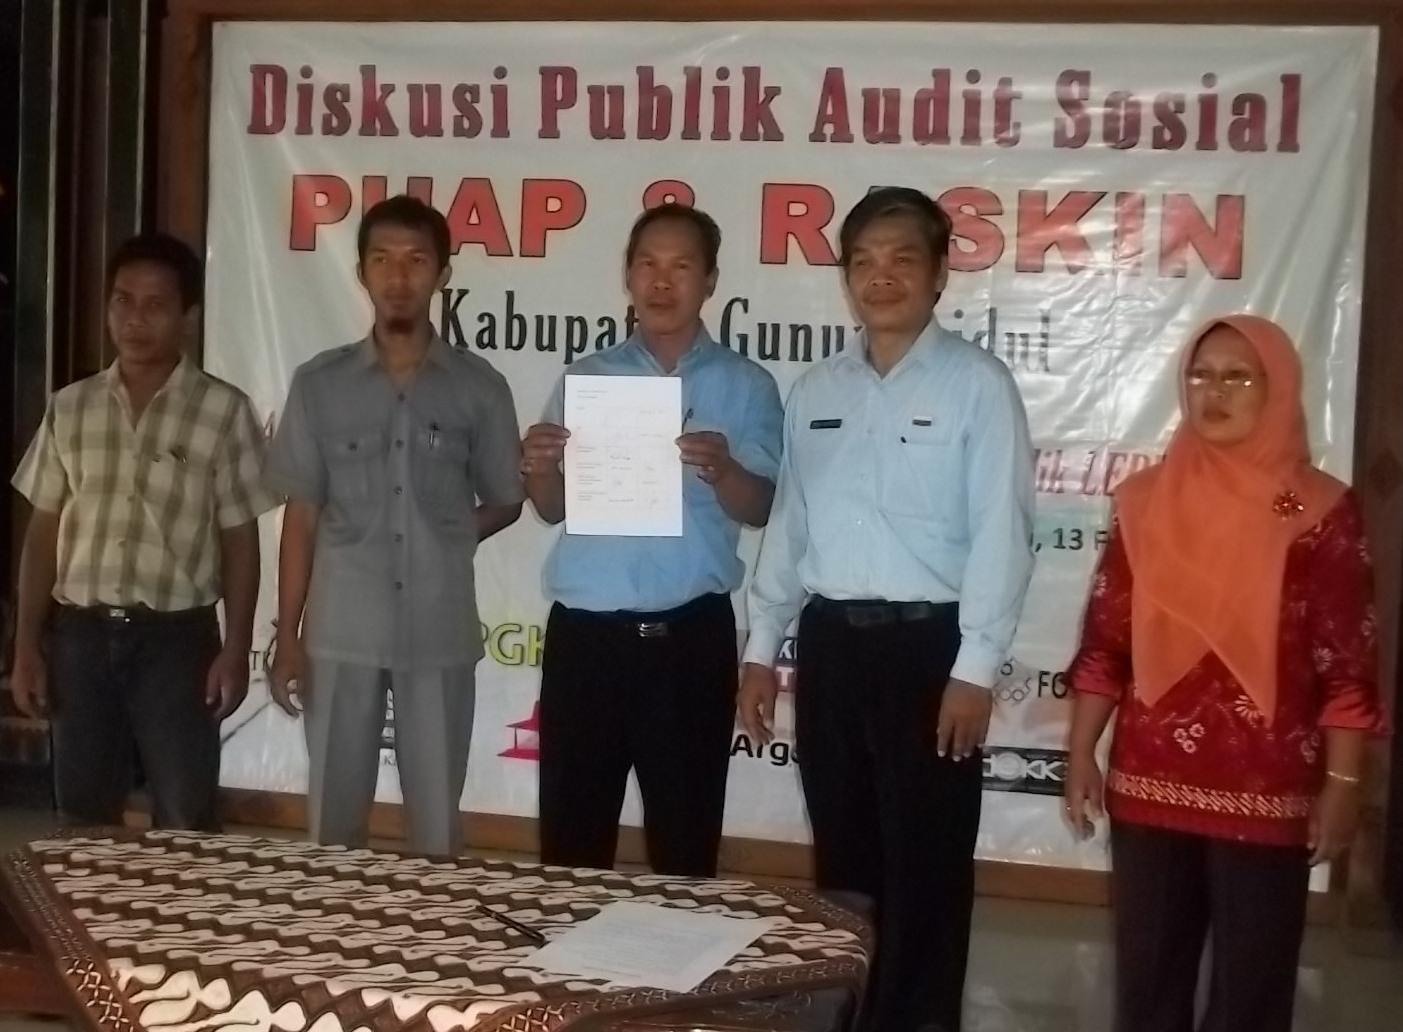 Diskusi Publik Audit Sosial PUAP dan RASKIN